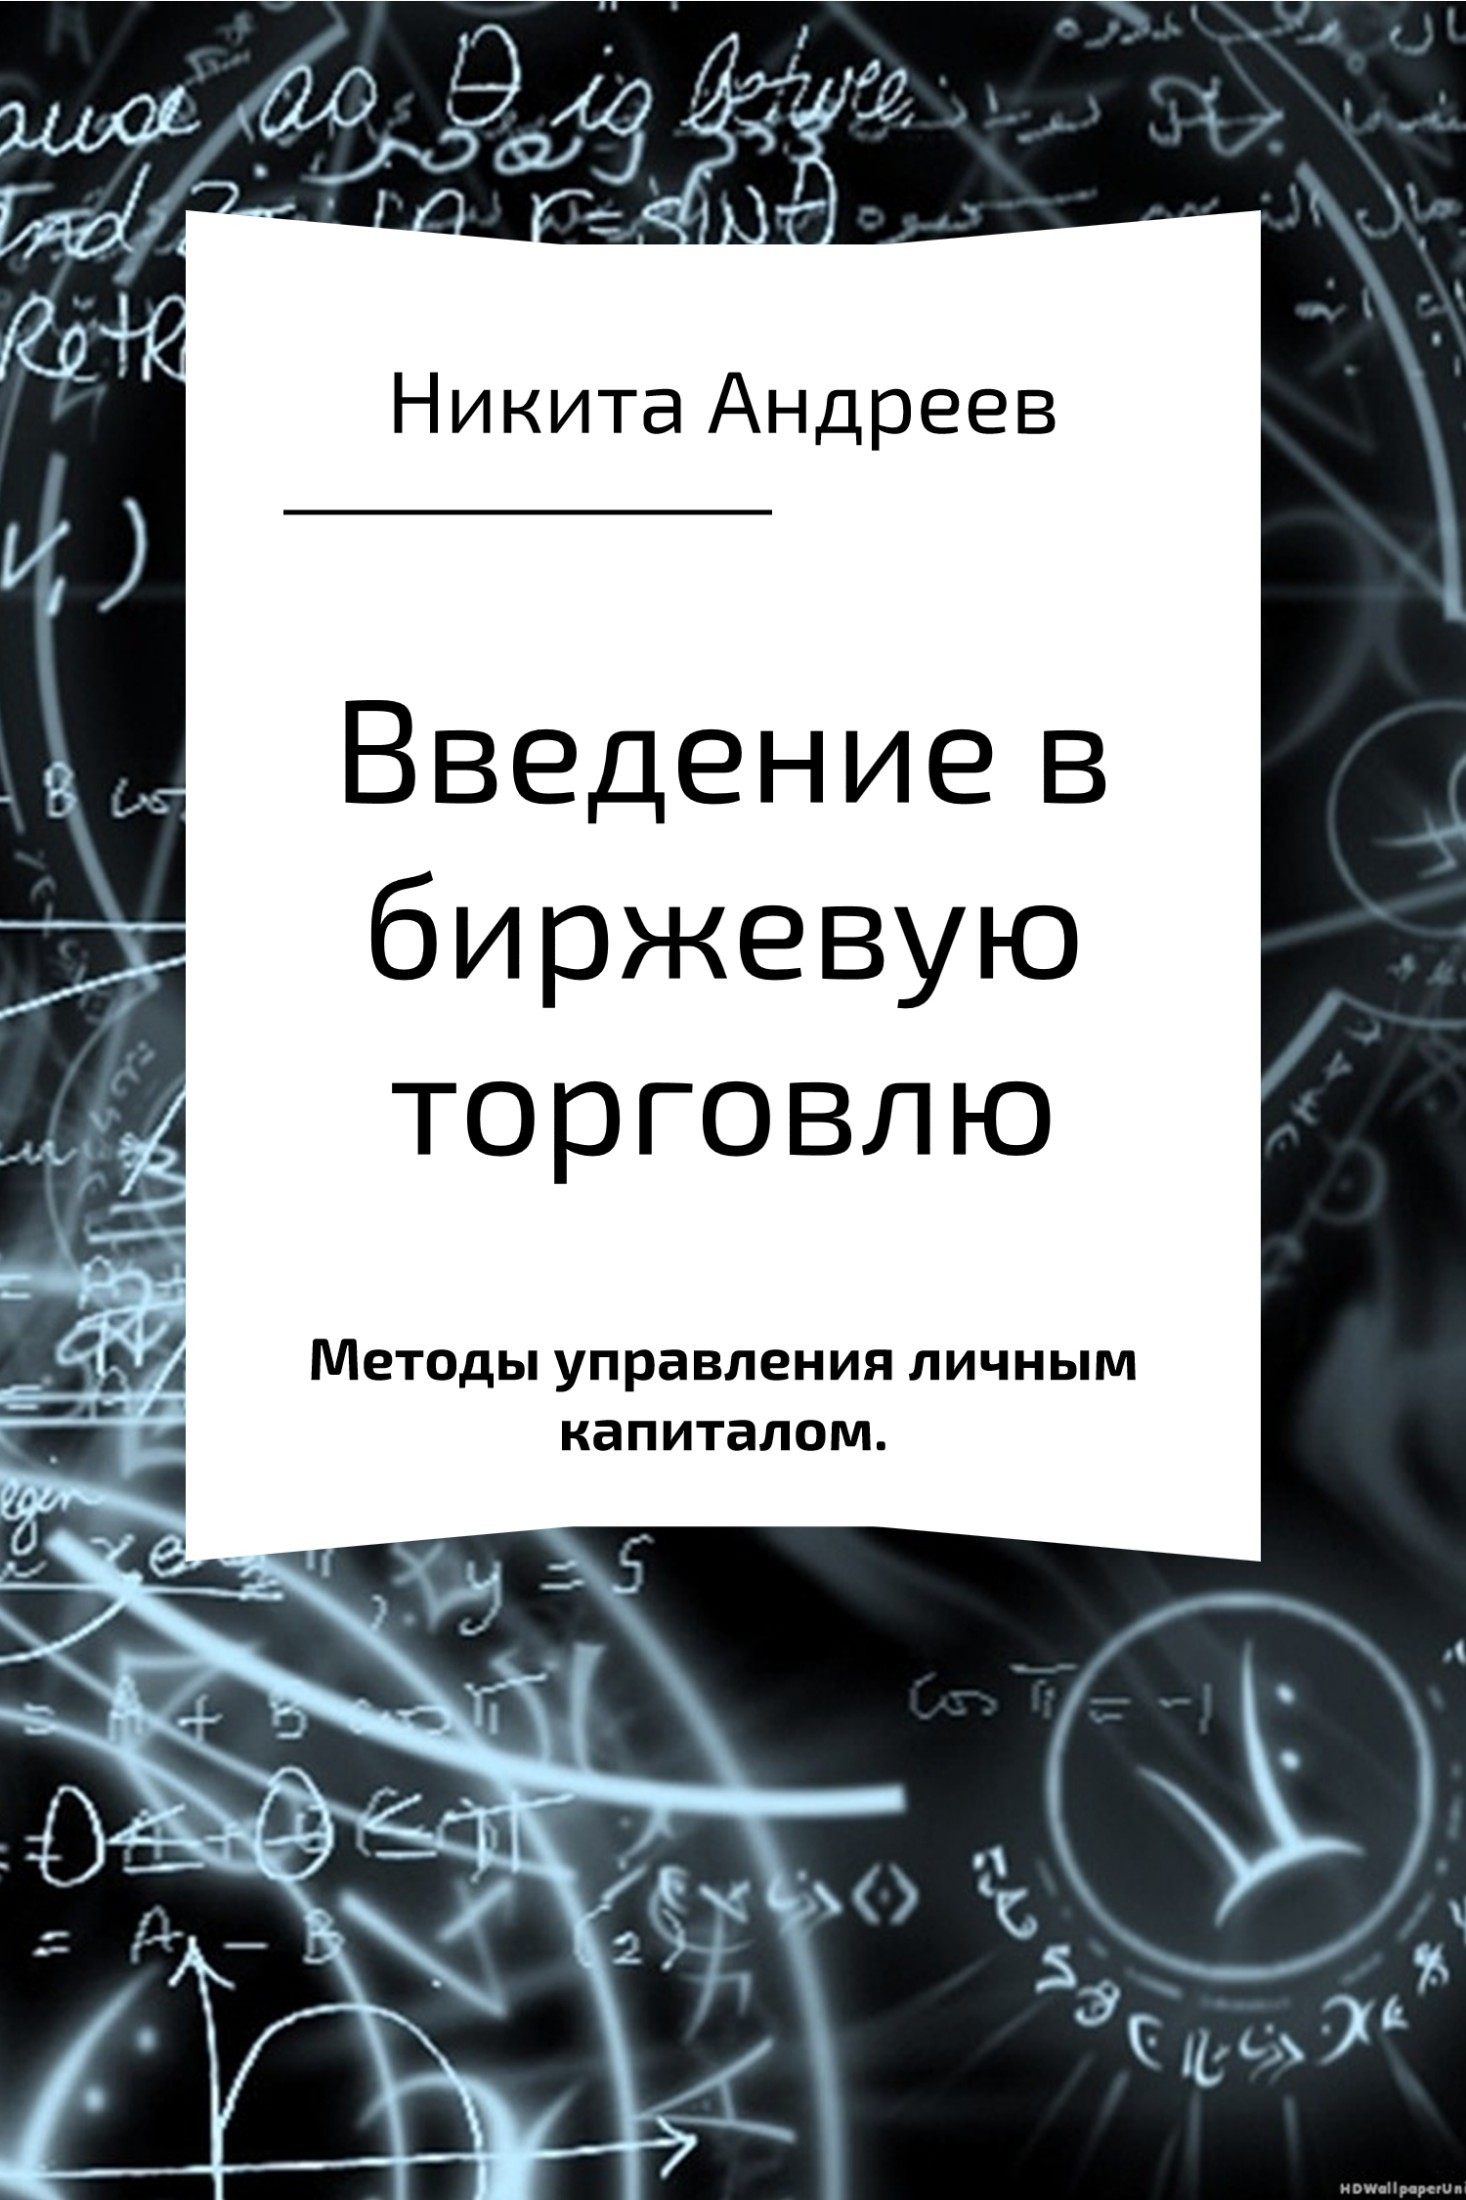 Никита Игоревич Андреев Введение в биржевую торговлю и методы управления личным капиталом цены